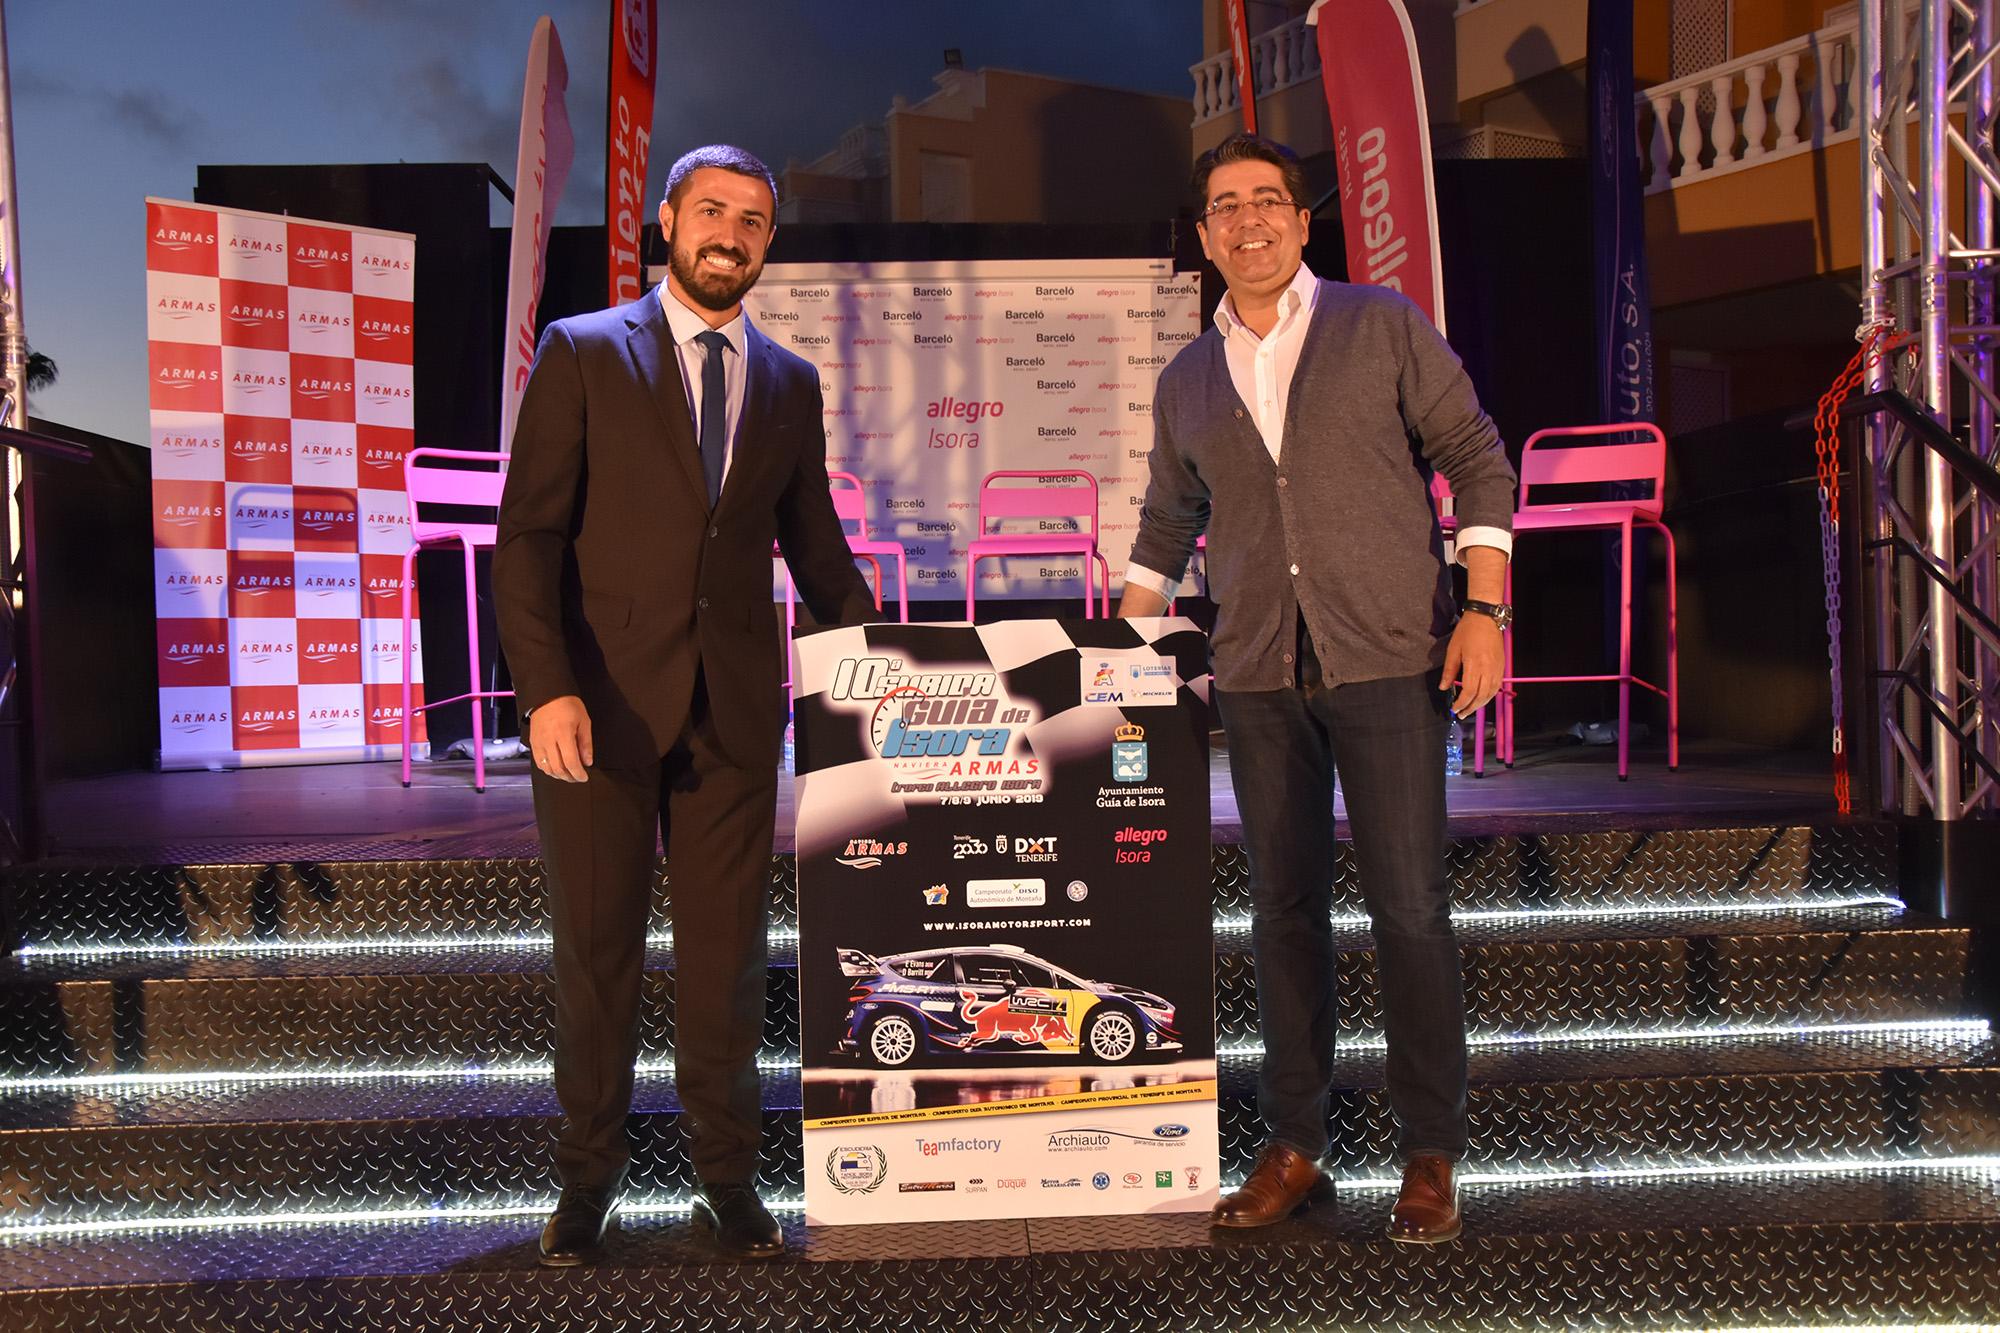 📢Más de 🚗70 equipos en la 🏁Subida Guía de Isora Naviera Armas 'Trofeo Allegro Isora'.